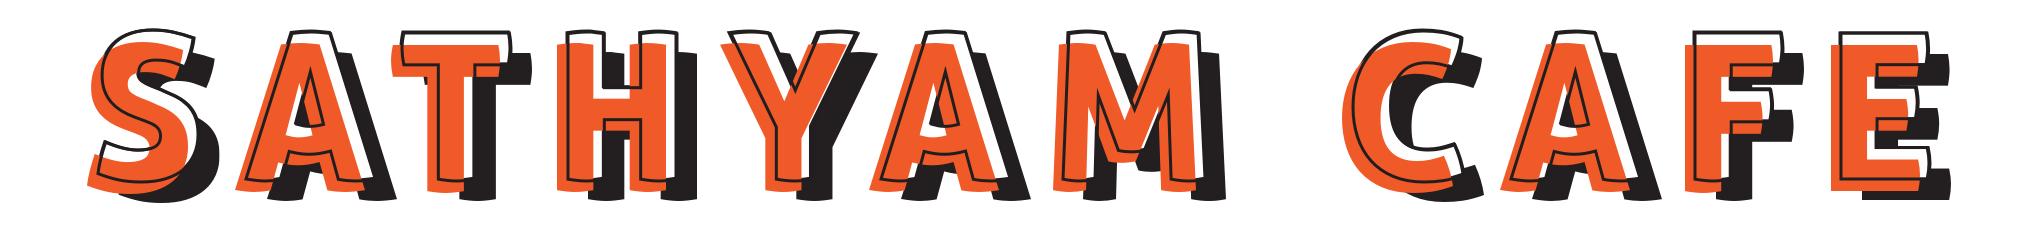 sathyam cafe logo.png